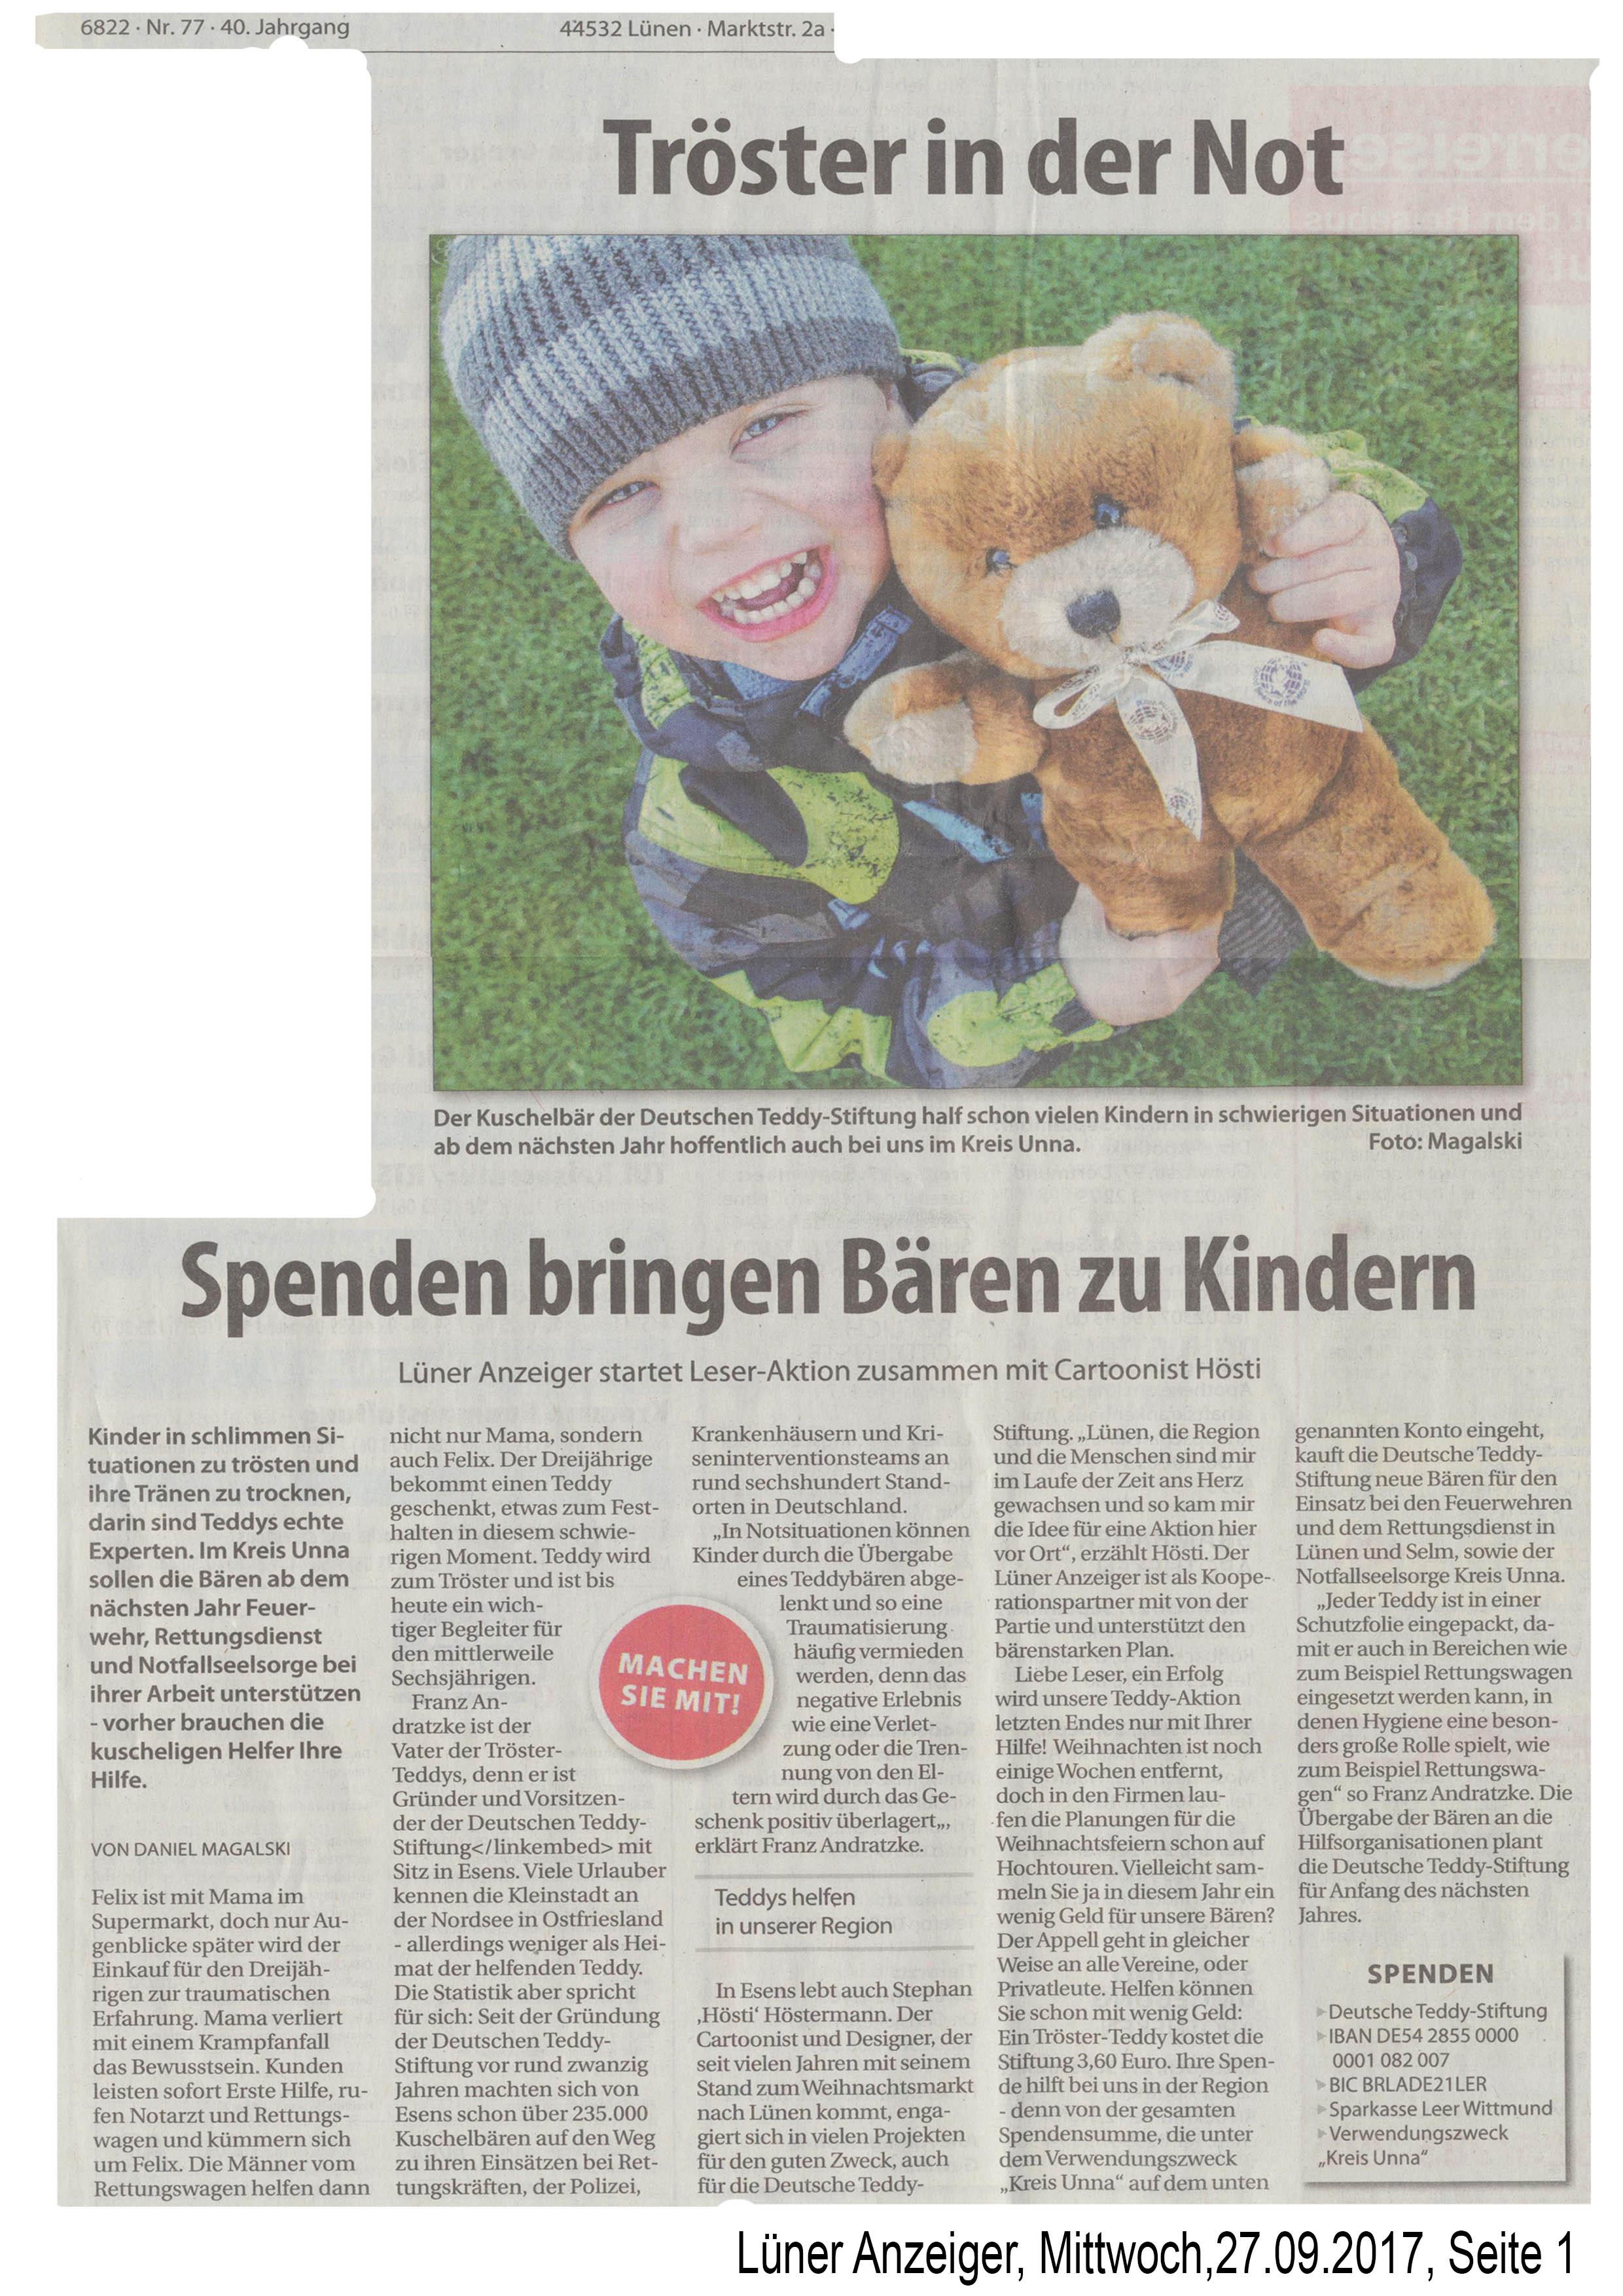 Lüner Anzeiger Lokalkompass 27.09